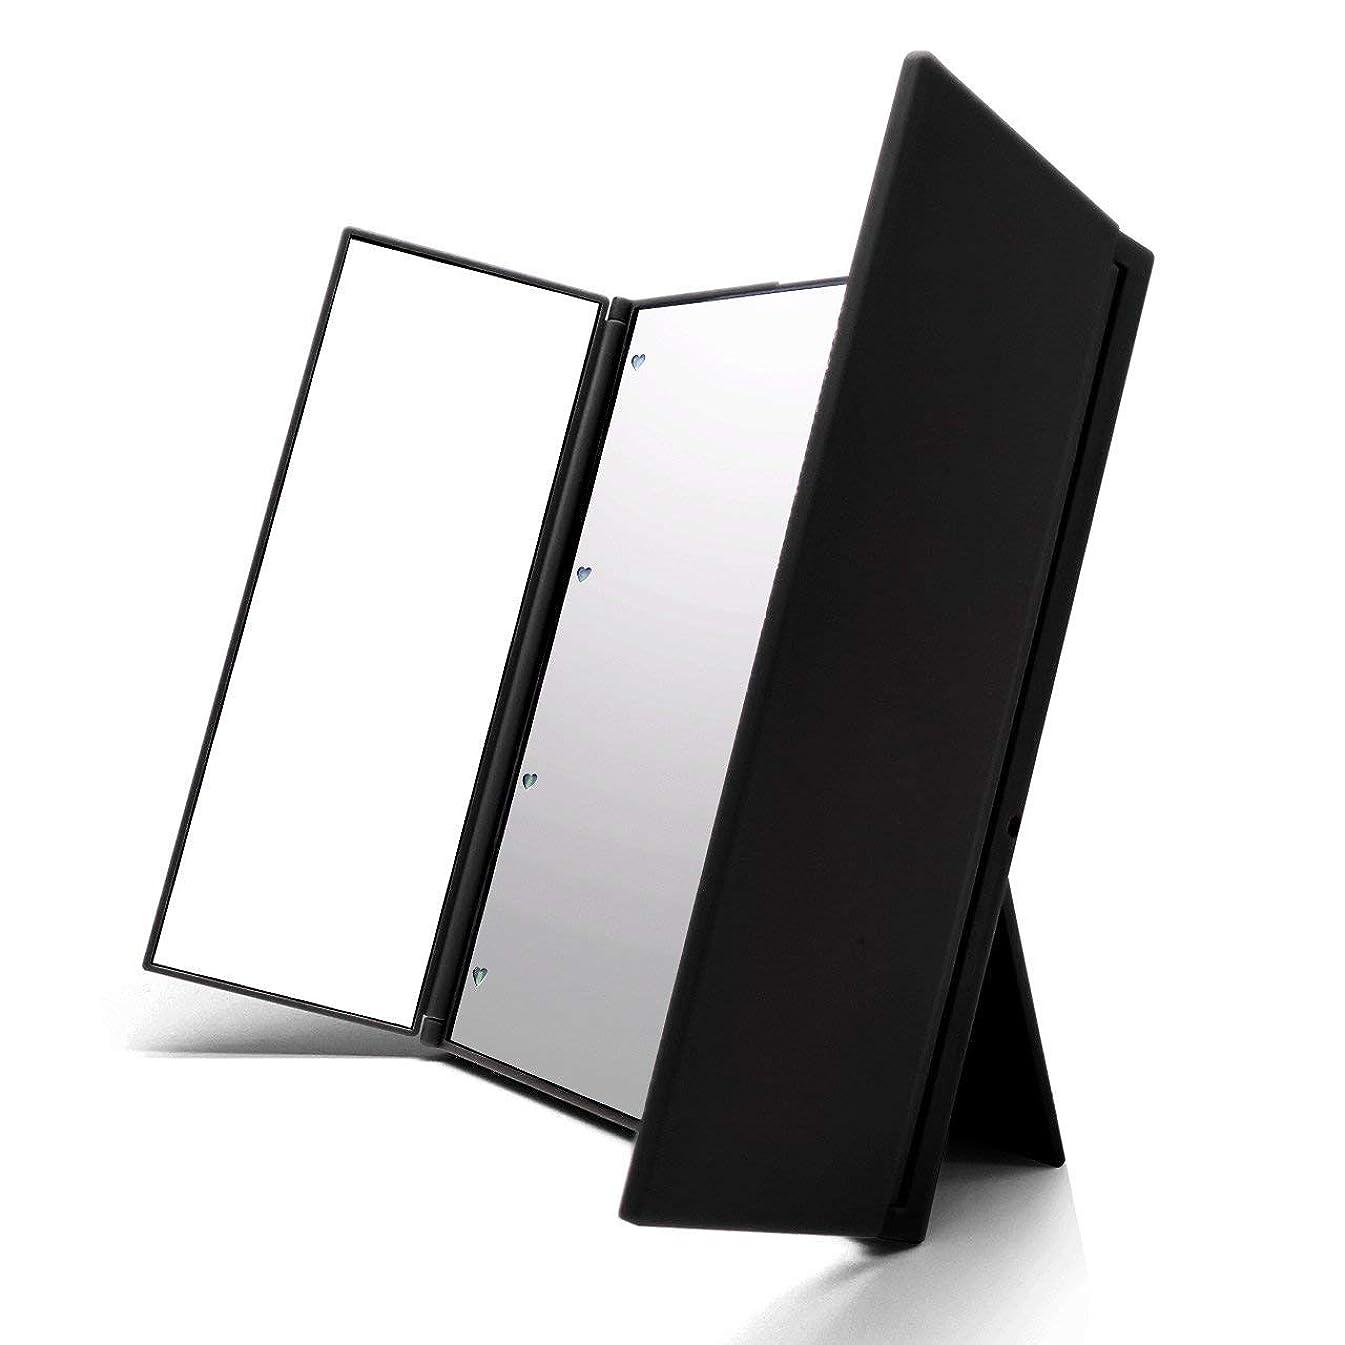 嵐ホテル上下するVidgoo 鏡 卓上 化粧鏡 スタンド LED付き 三面鏡 折り畳み式 調整可能 電池型 ブラック